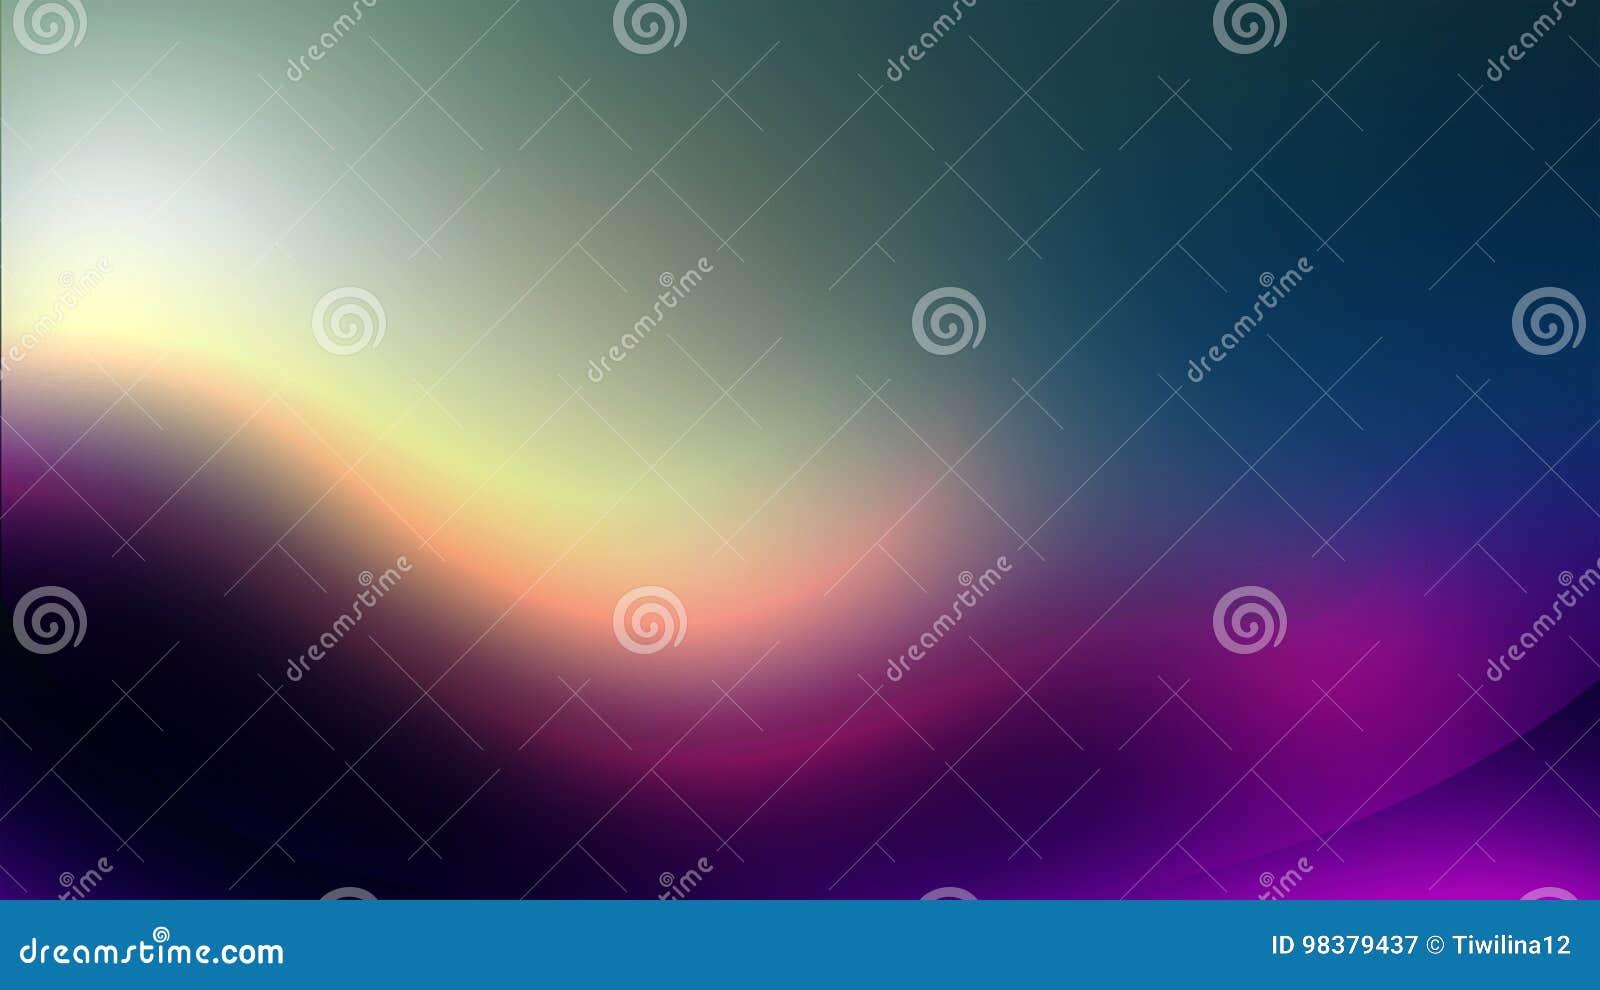 Aurora Background Purple Effect